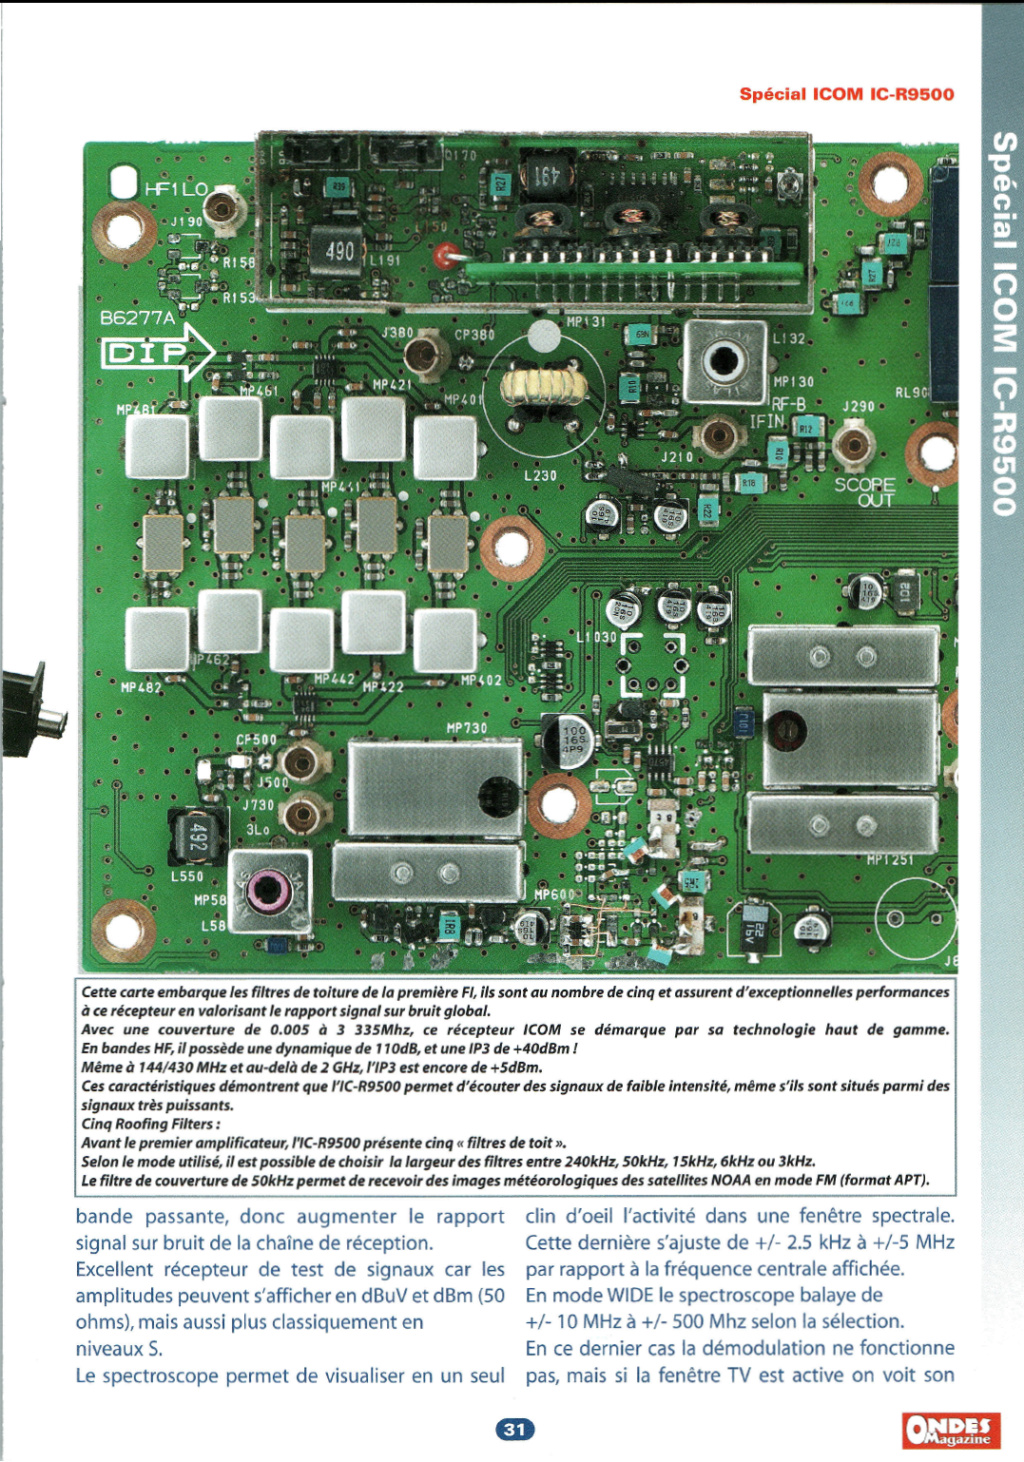 Icom IC-R9500-02 Captu150